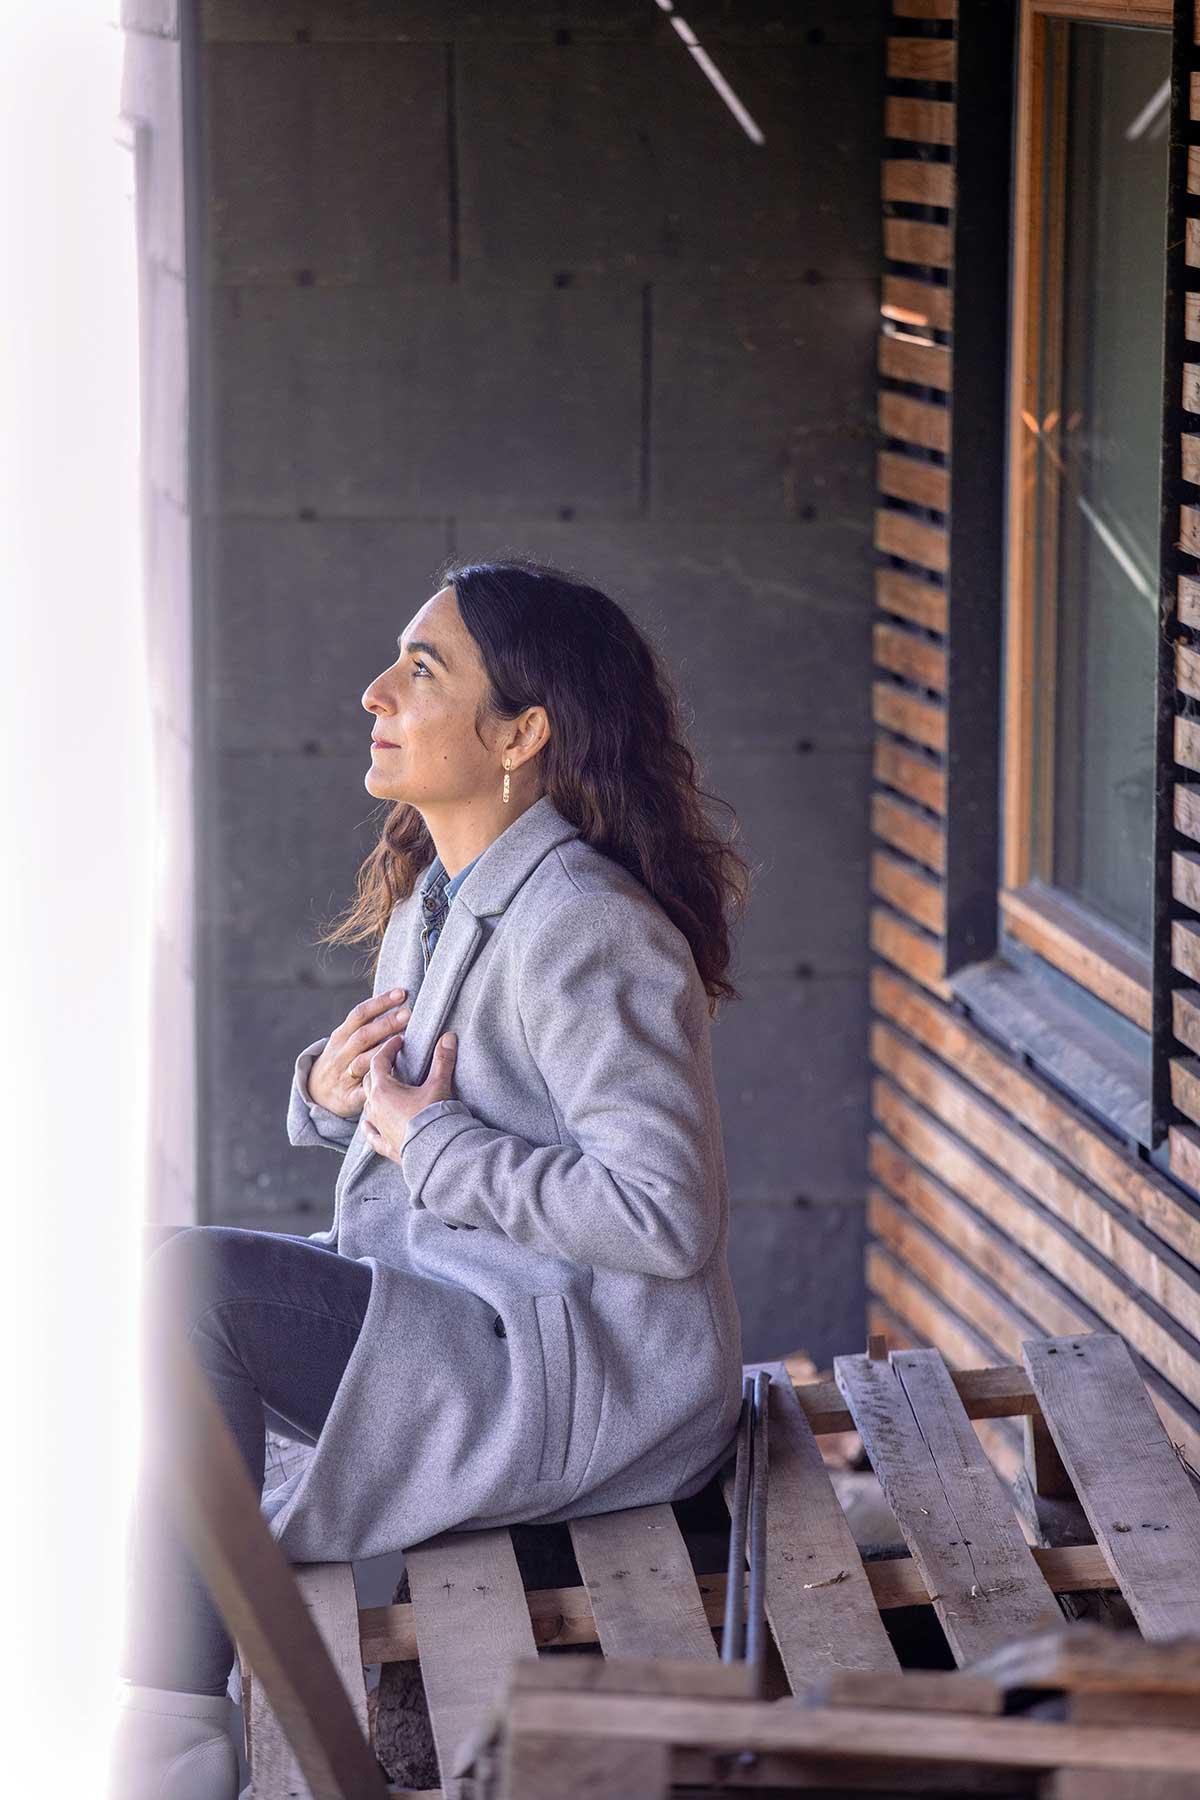 Kaos og nye idéer: Vi sendte en fotograf med telelinse ud for at møde 13 kolleger i coronaland